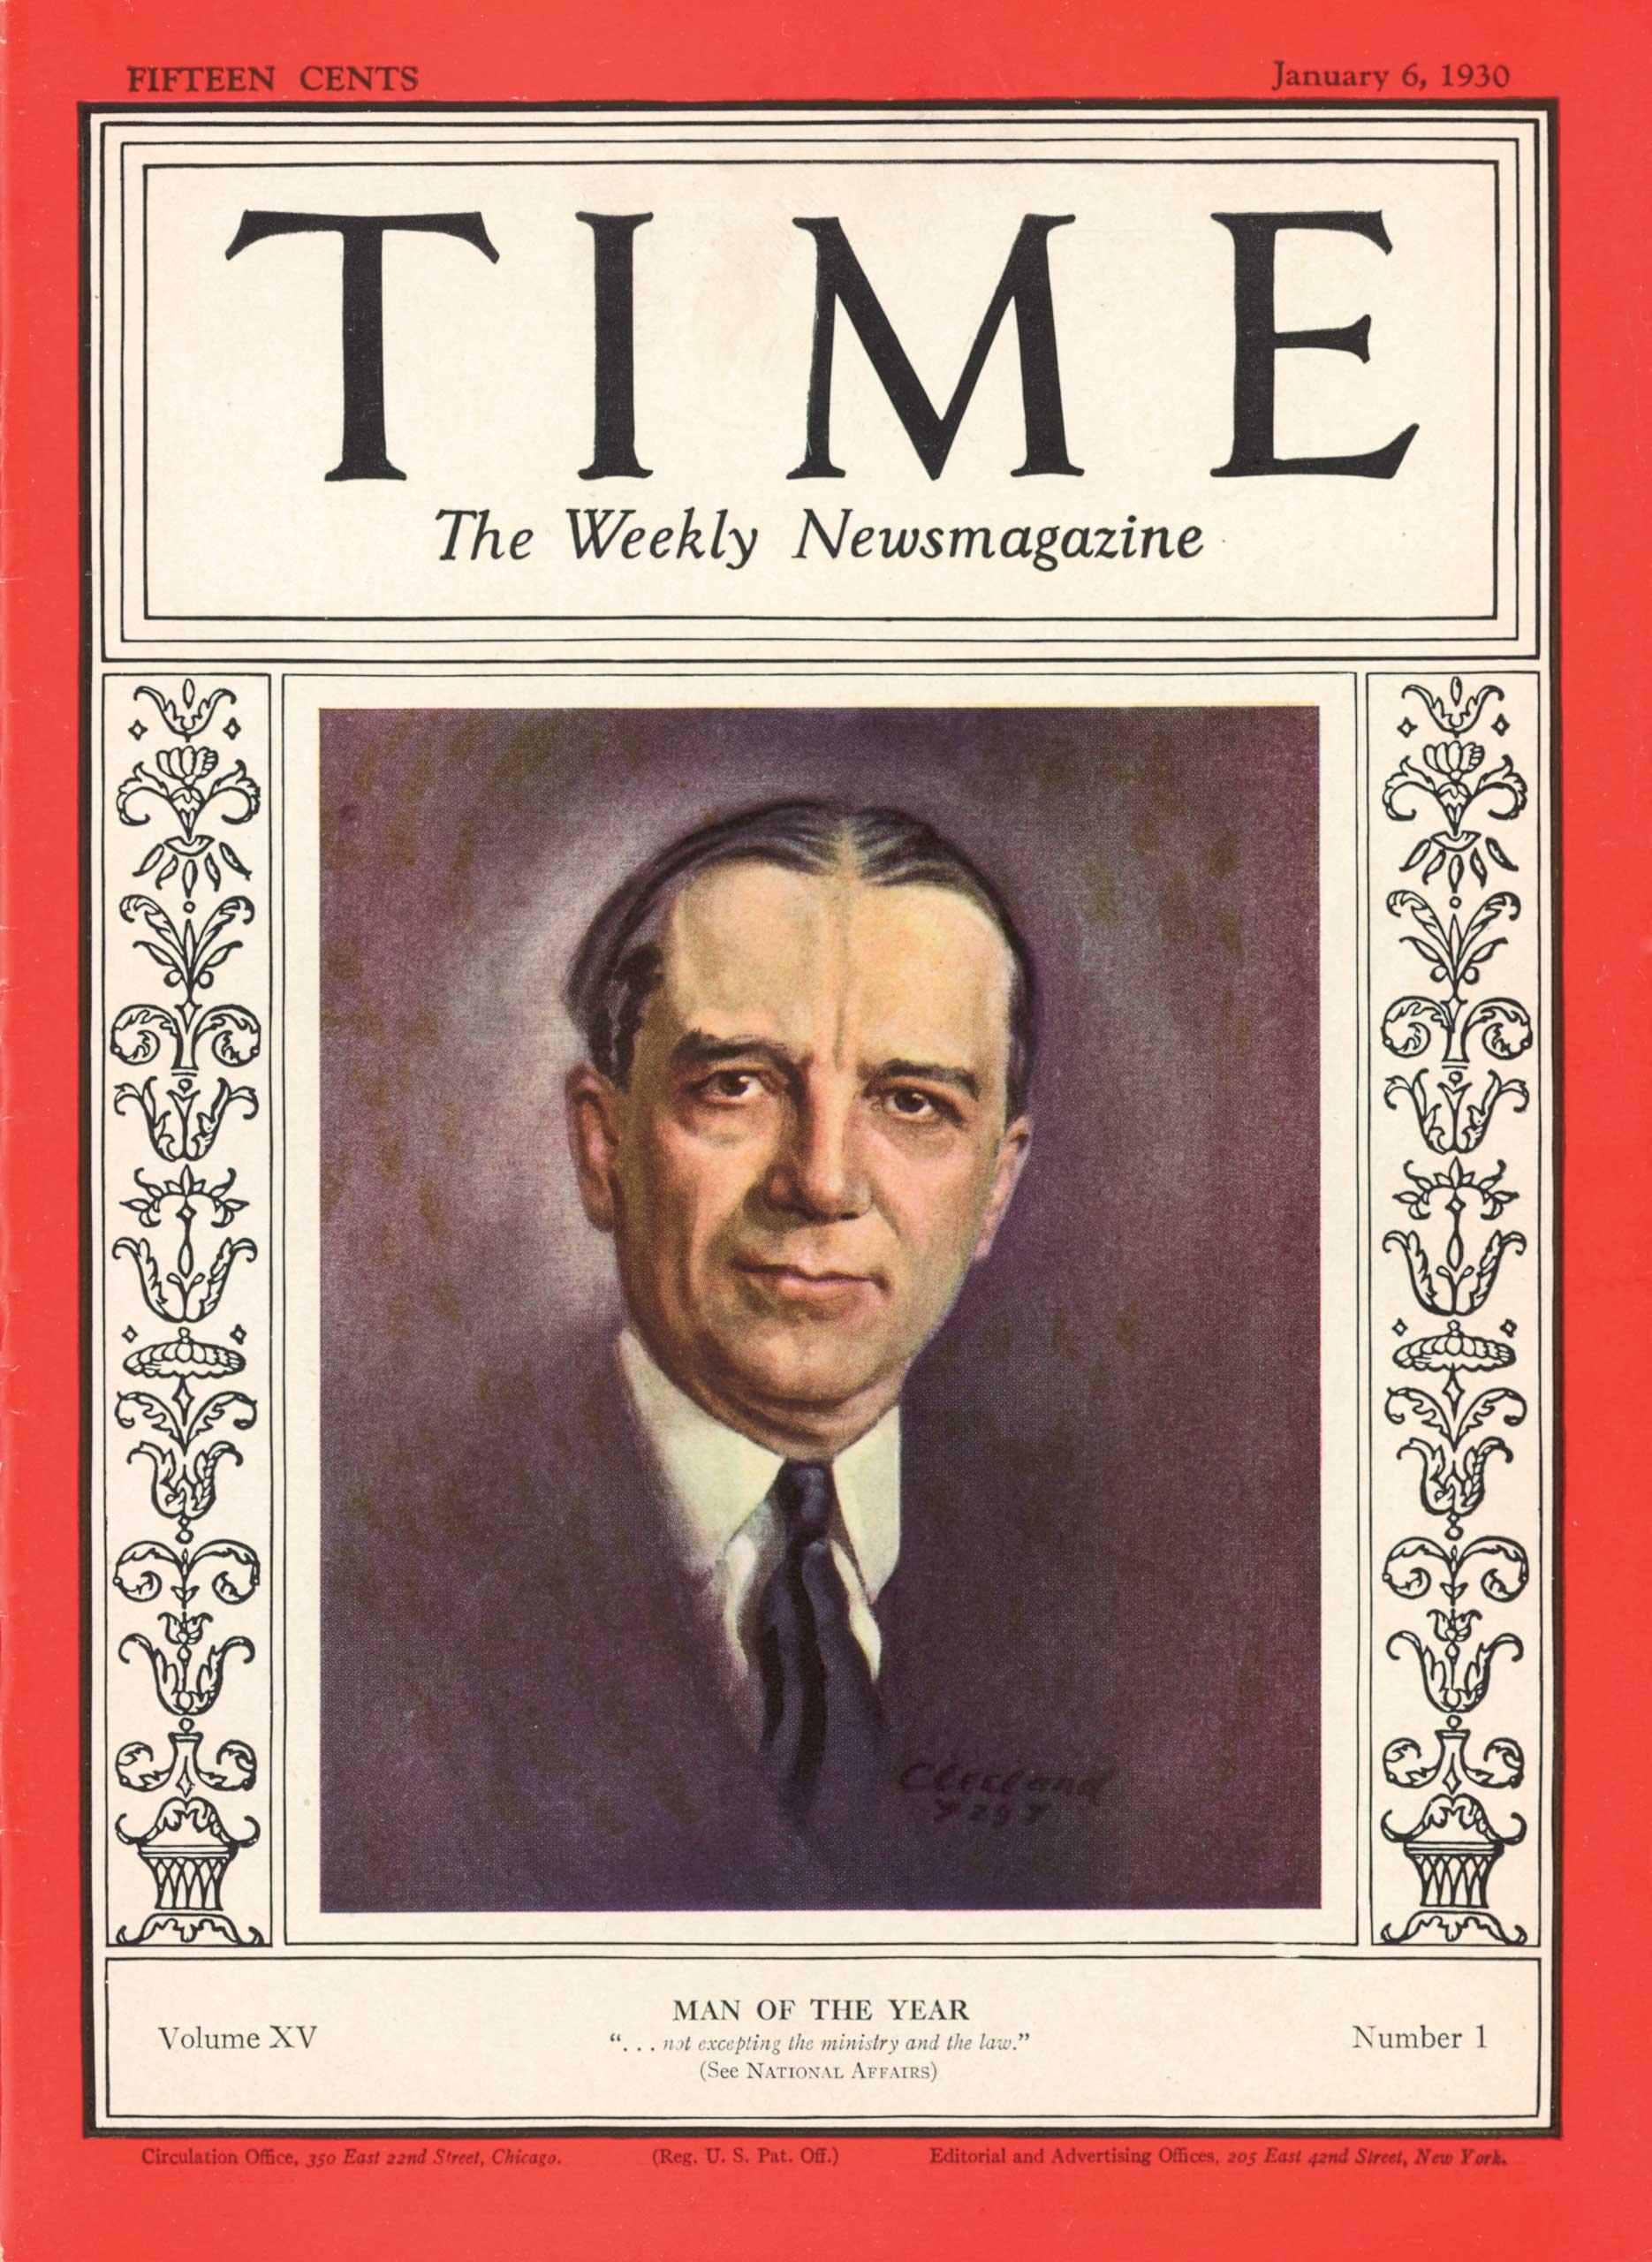 1929: Owen D. Young